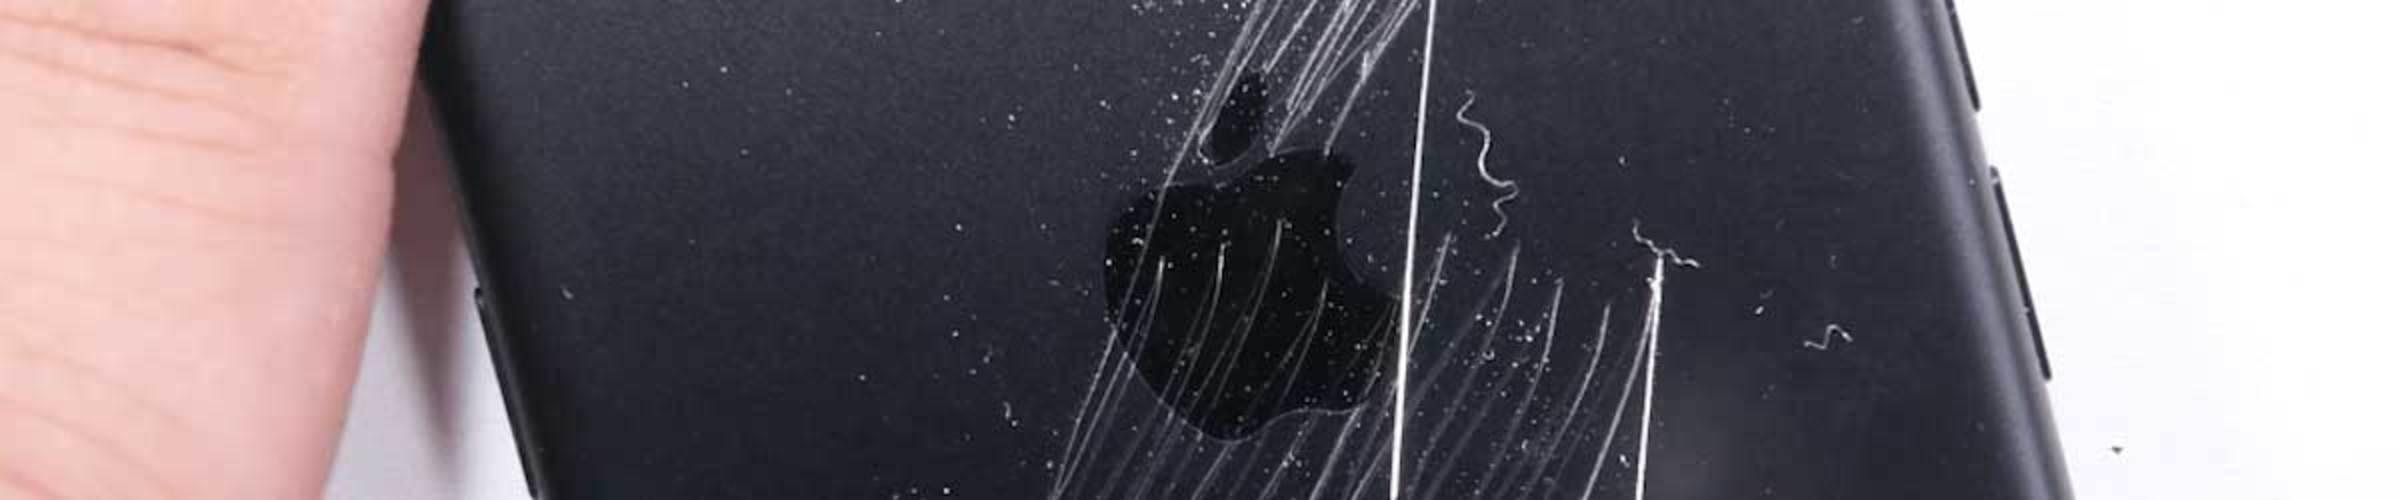 Защитное стекло или пленка для iPhone?